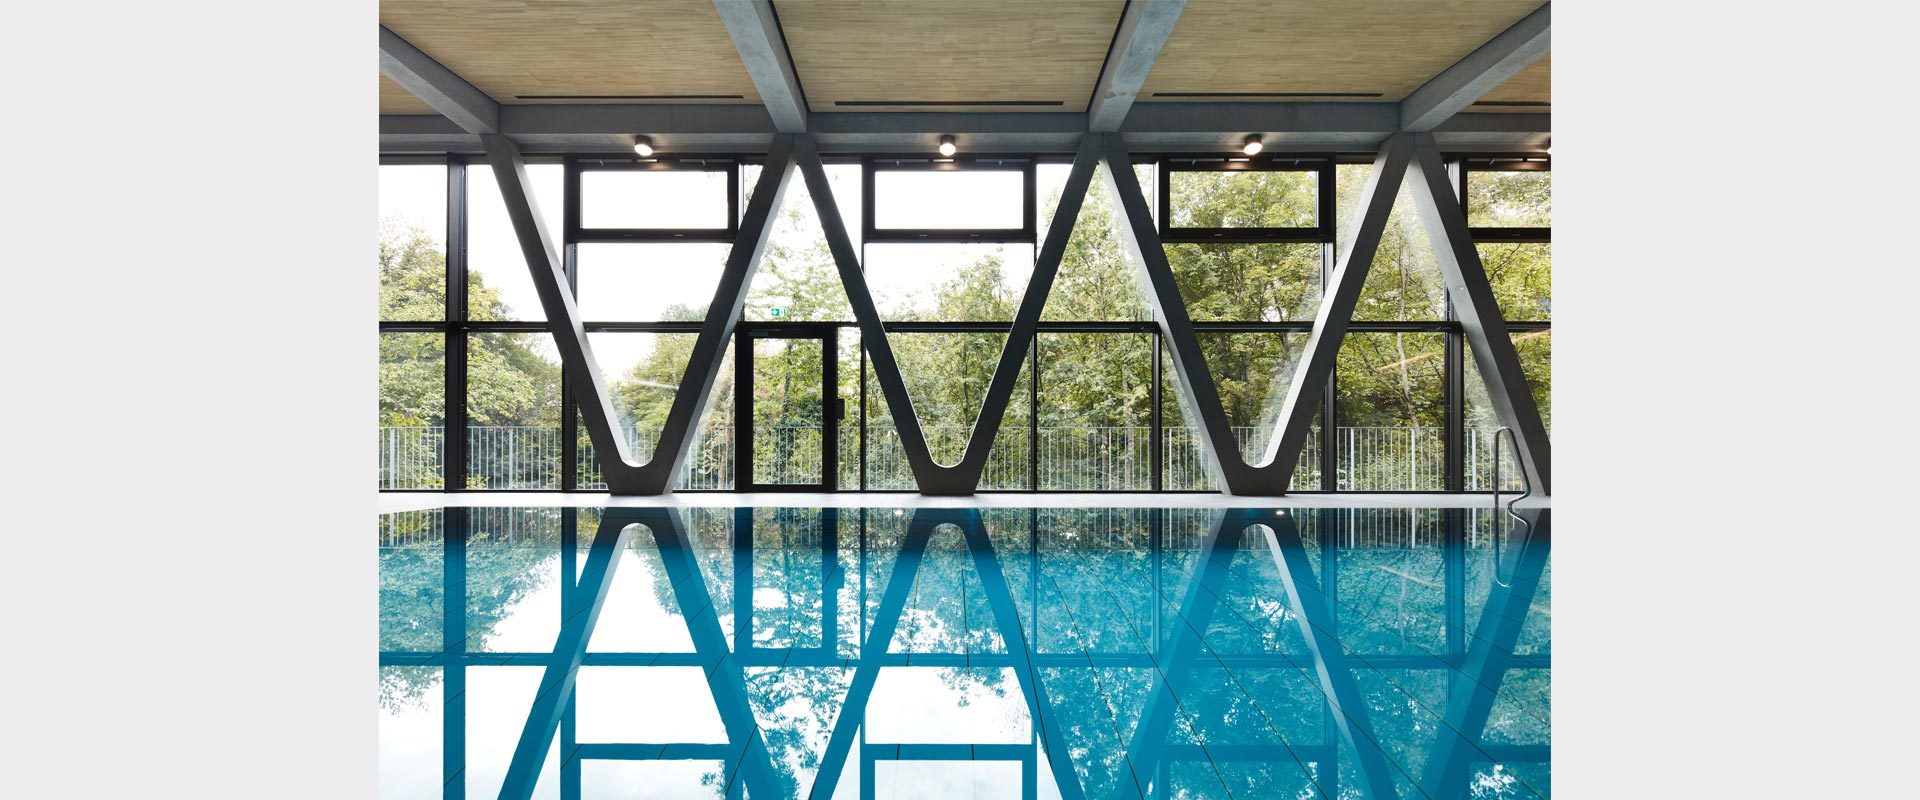 rchitekturbuero Henning Architekt Musahl Waldshut Tiengen Oberrhein Stadthalle Hallenbad